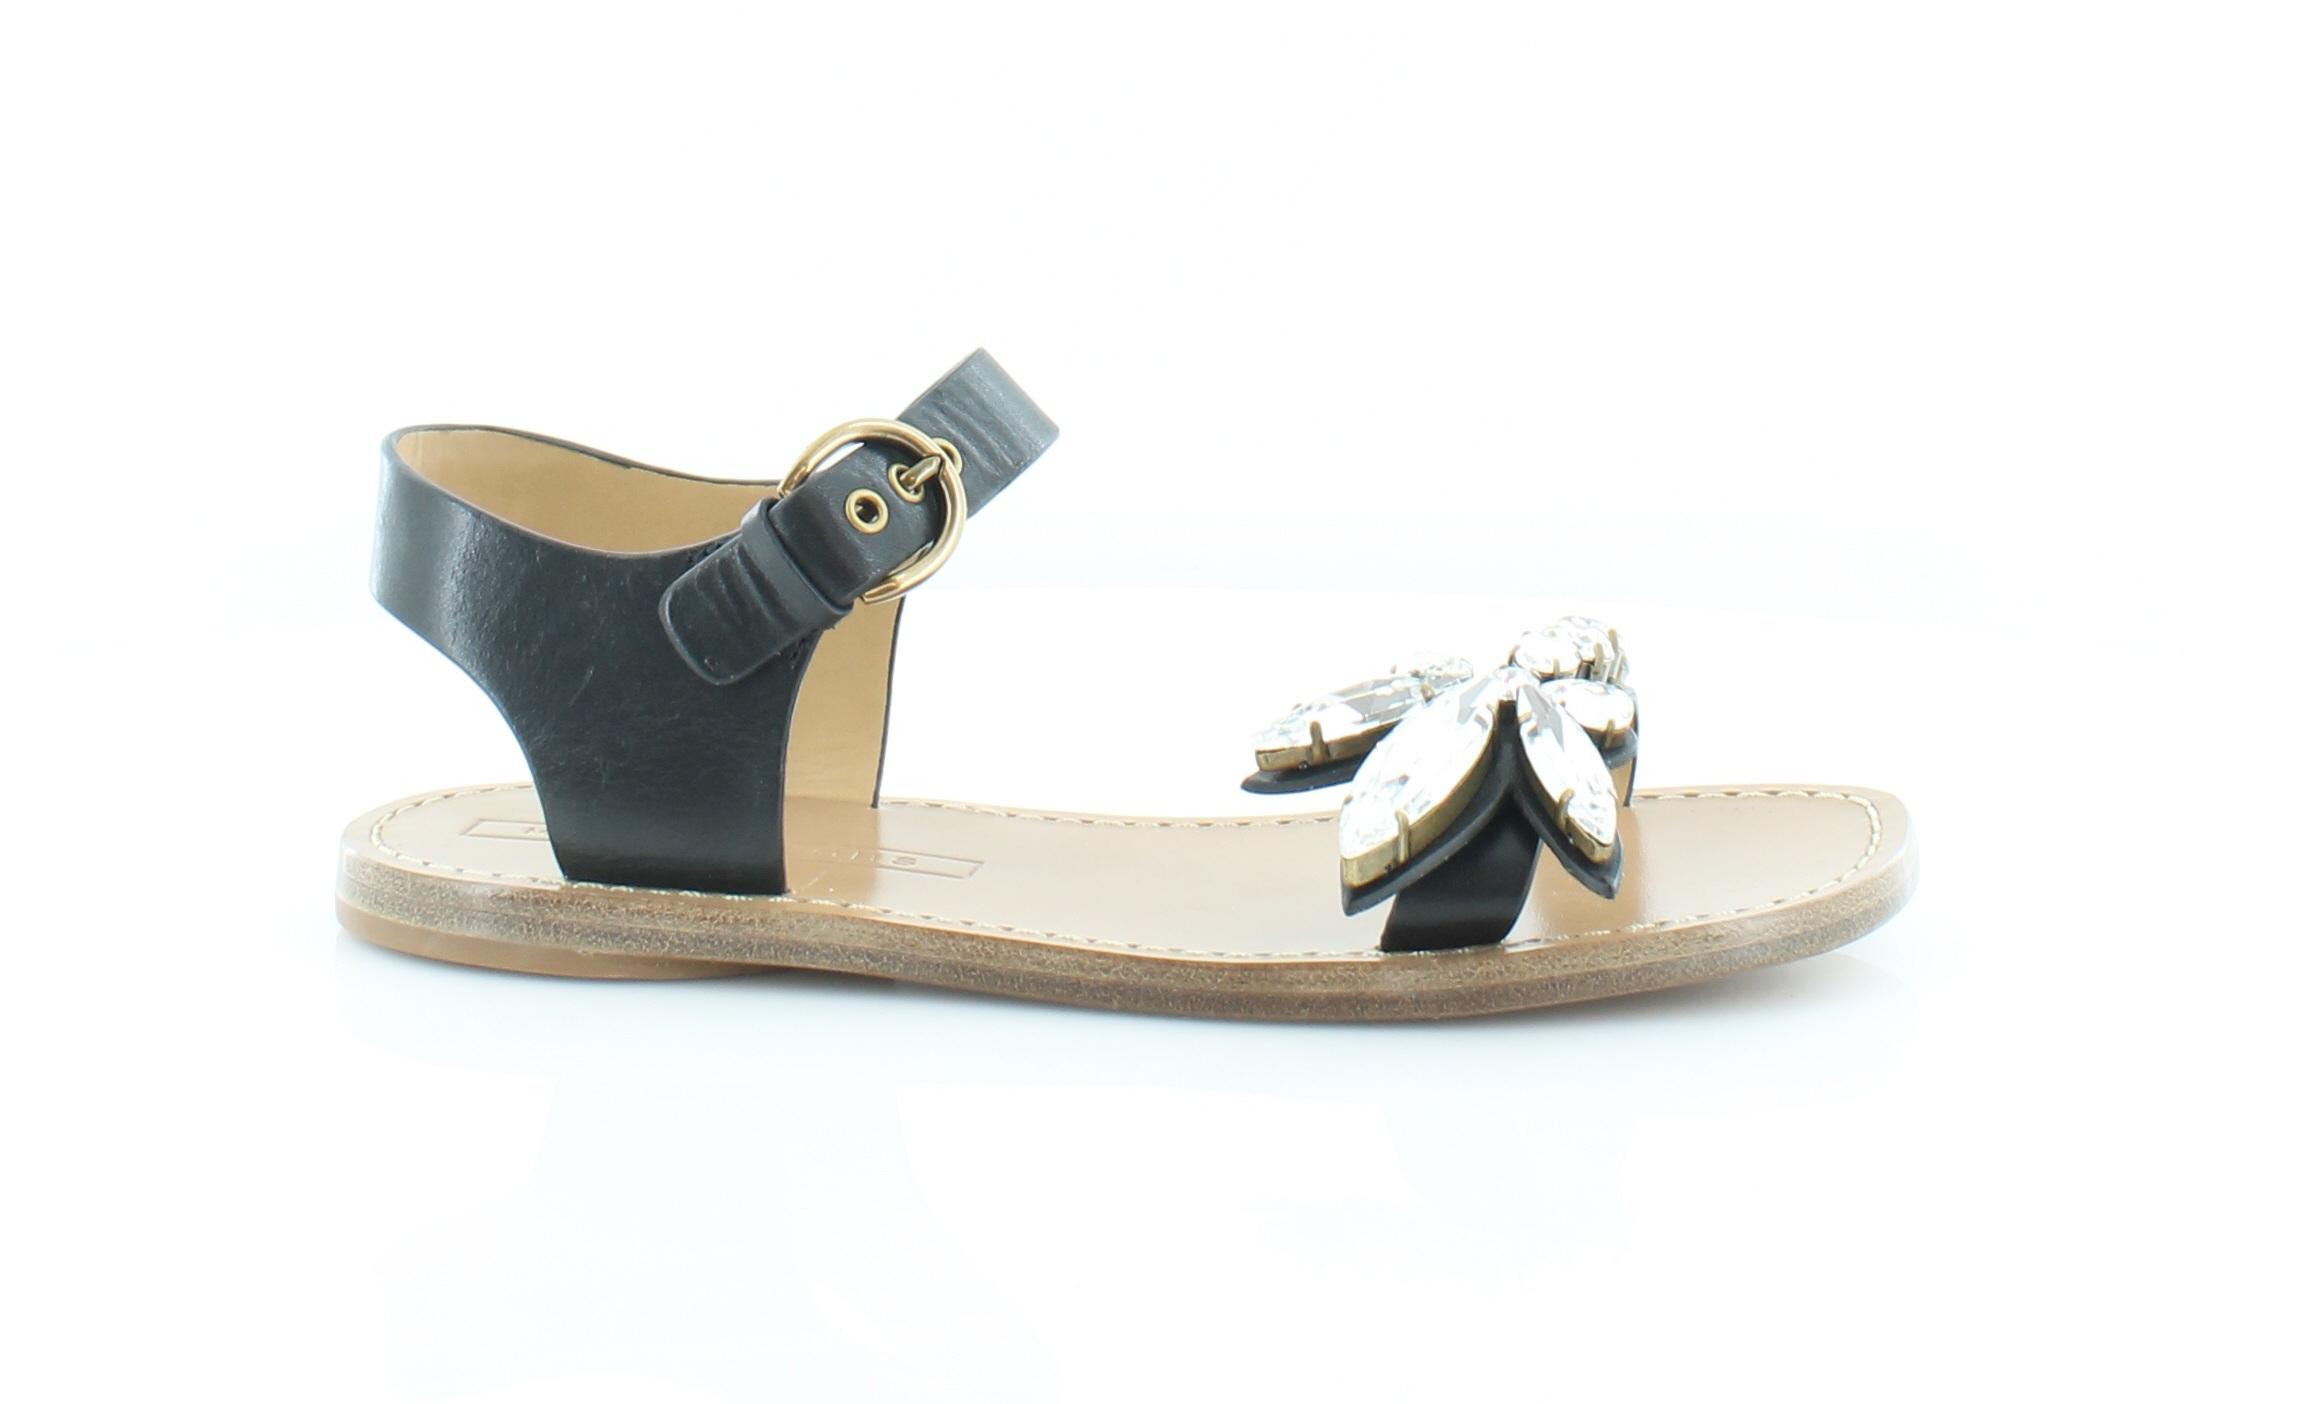 1d85ca862ff7 Marc By Marc Jacobs Rivington Black Womens Shoes Size 6.5 M Sandals ...